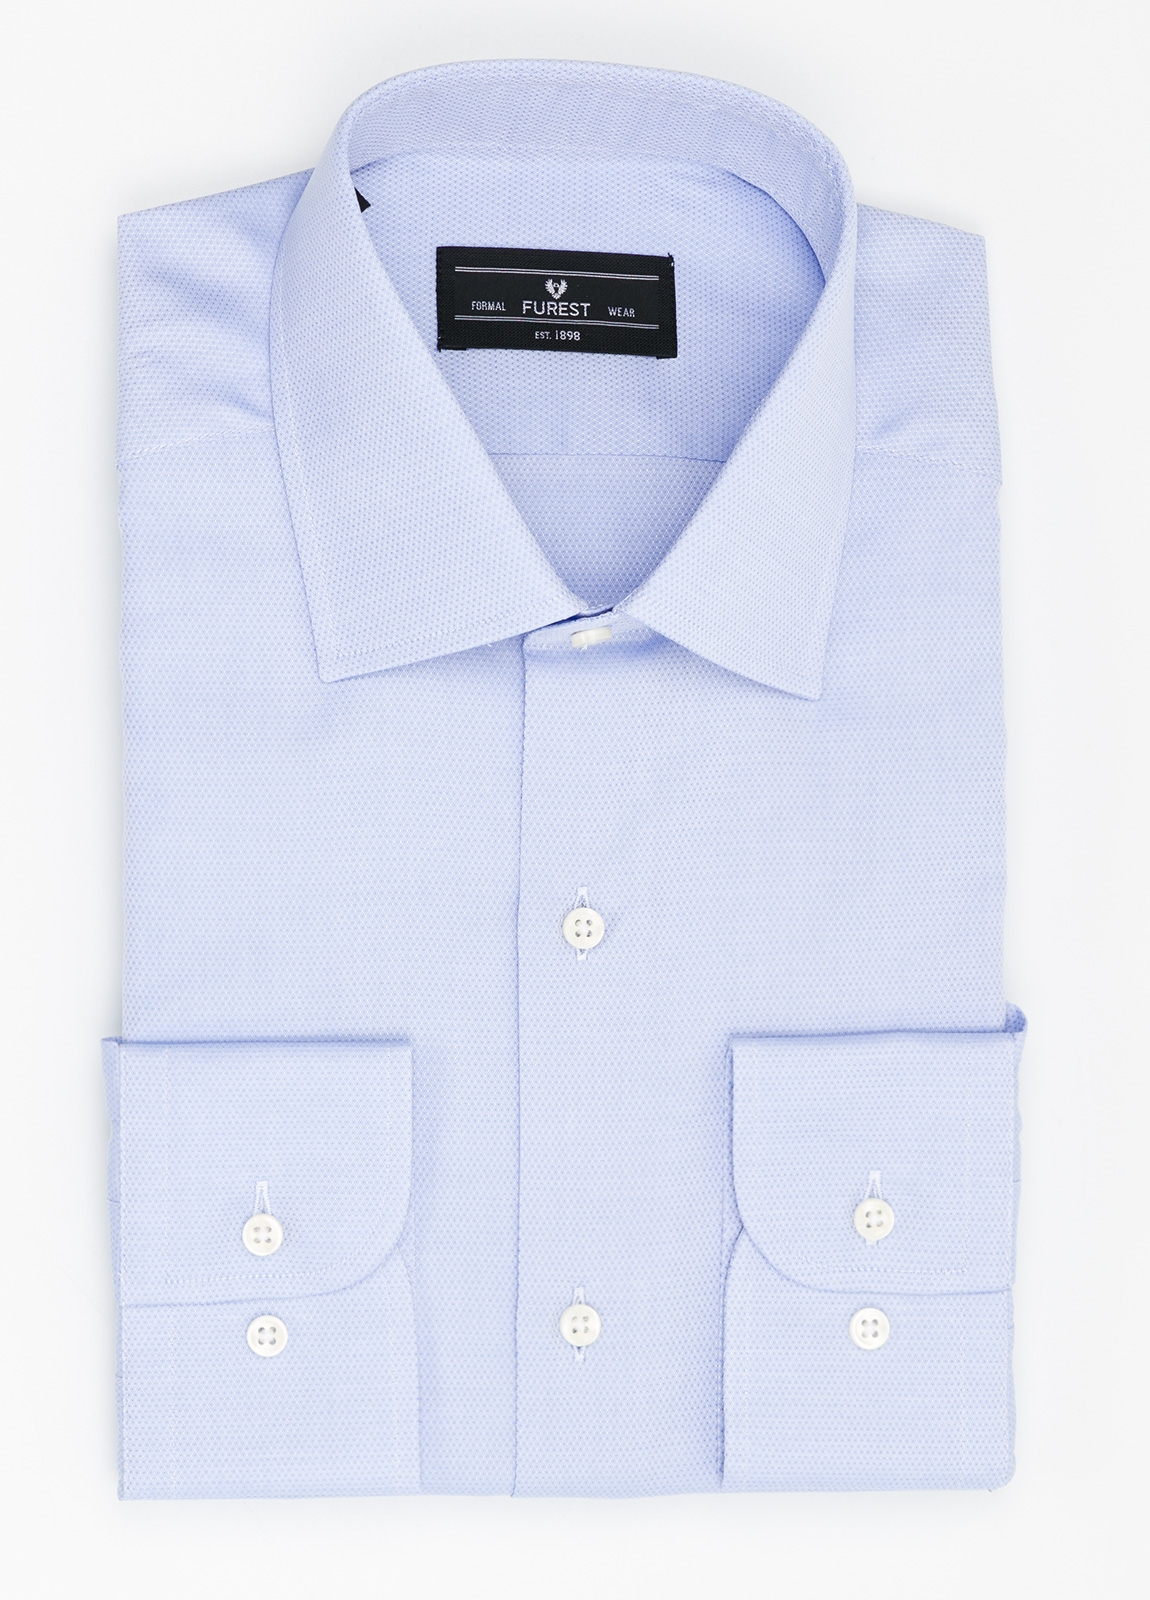 Camisa Formal Wear SLIM FIT cuello italiano modelo ROMA micro grabado color celeste, 100% Algodón.